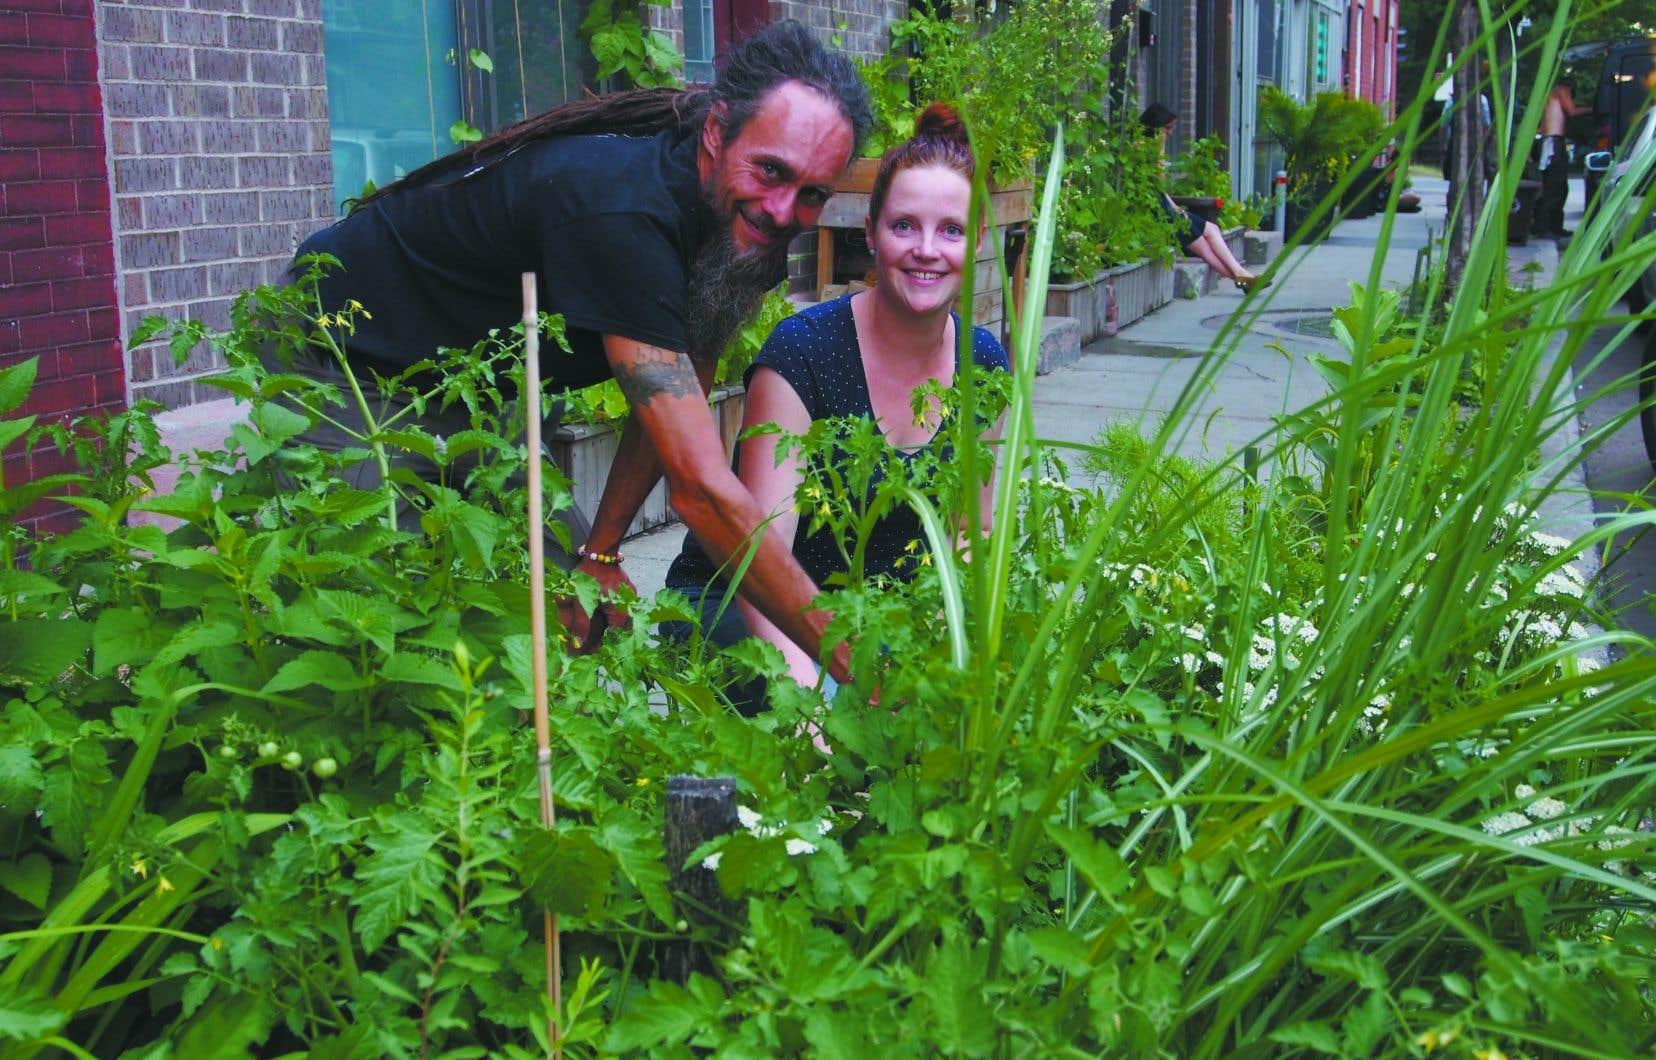 Les bûcherons de l'asphalte comptent déjà plus de 1000 participants dans l'est de Montréal, qui, une plante à la fois, transforment leur milieu.